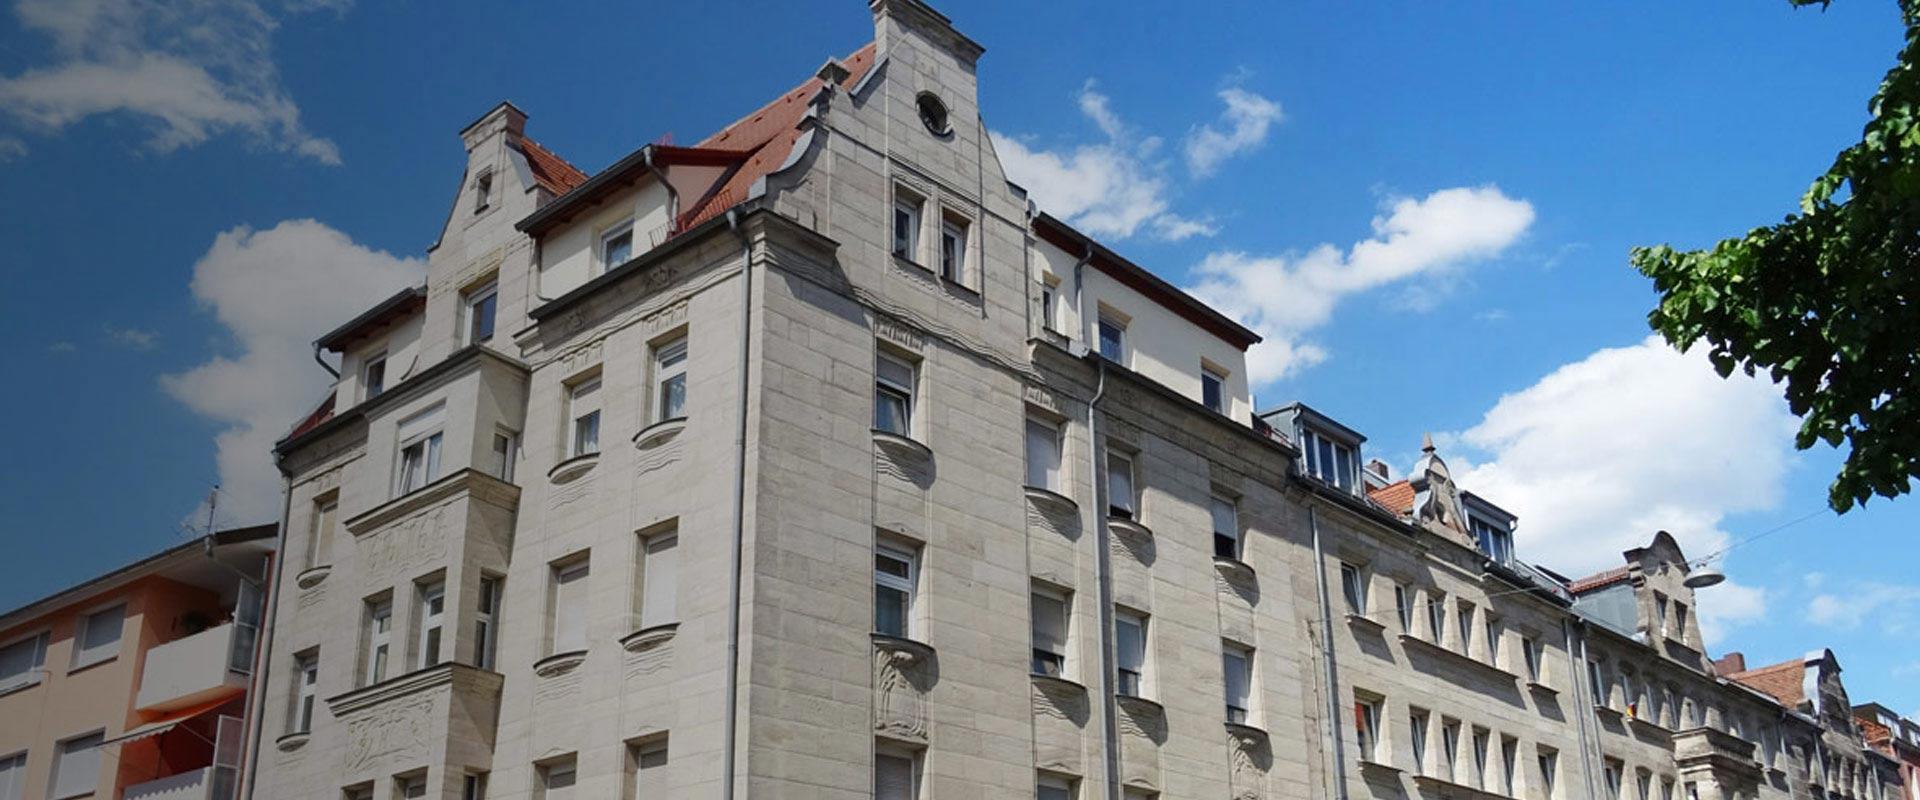 APS Immobilienverwaltung in Nürnberg